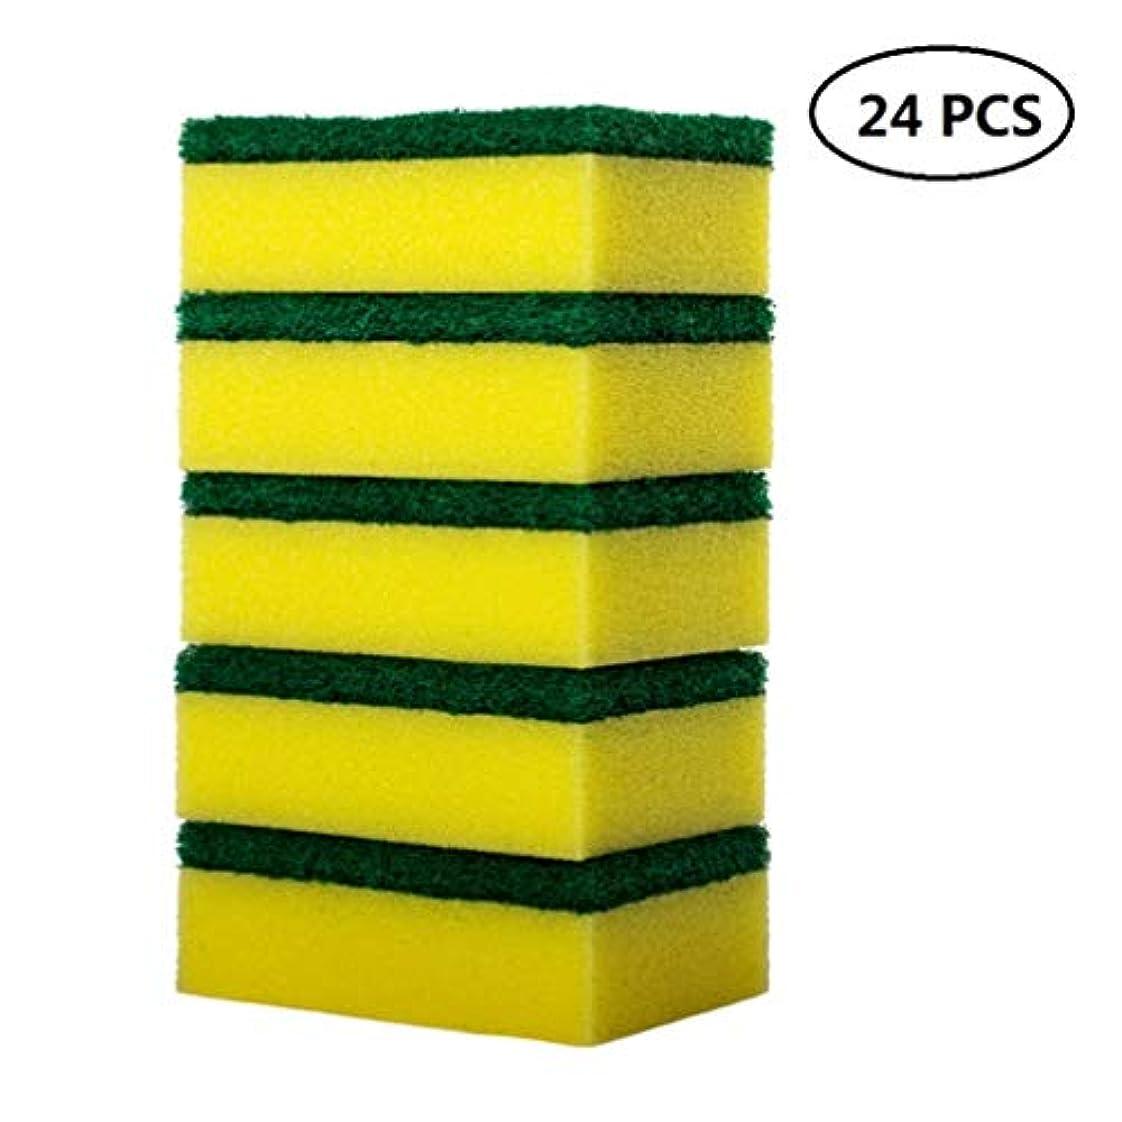 冒険飢え手がかりBESTONZON 24ピーススポンジ精練パッド食器洗いスポンジキッチンクリーニングナノコットン洗浄ポットブラシ(黄色+緑)